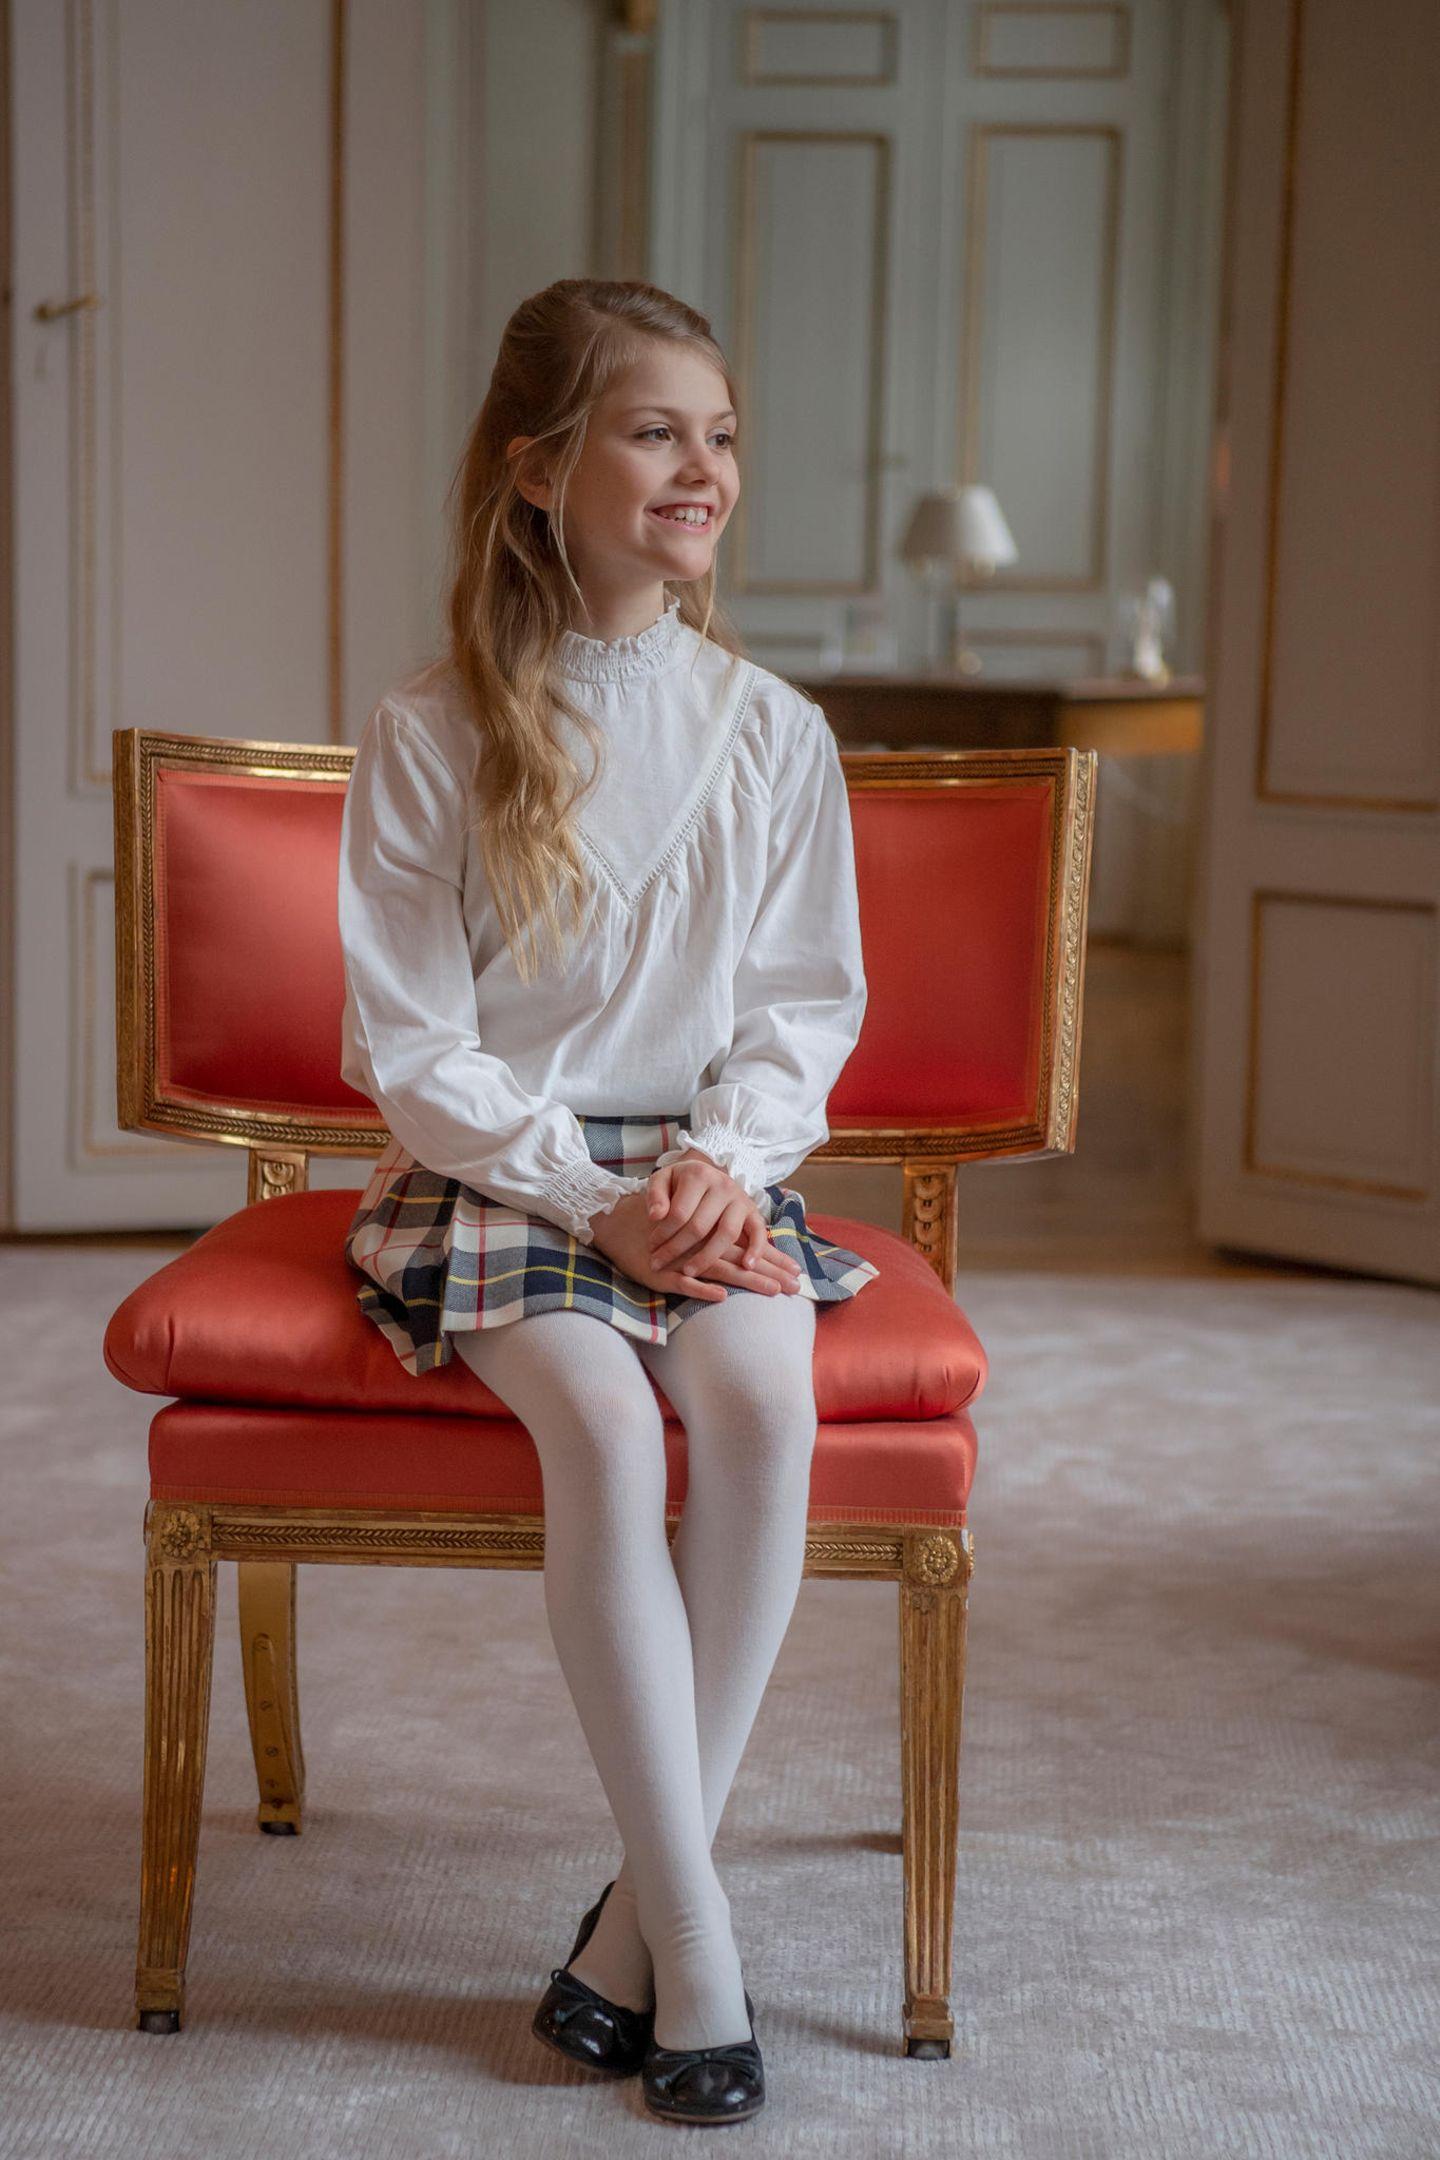 Zum neunten Geburtstag von Prinzessin Estelle veröffentlicht das schwedische Königshaus neue Porträts der Tochter von Kronprinzessin Victoria und Prinz Daniel. Stolz posiert die Thronfolgerin vor der prunkvollen Kulisse von Schloss Haga. Vor der Kamera fühlt sie sich sichtlich wohl.